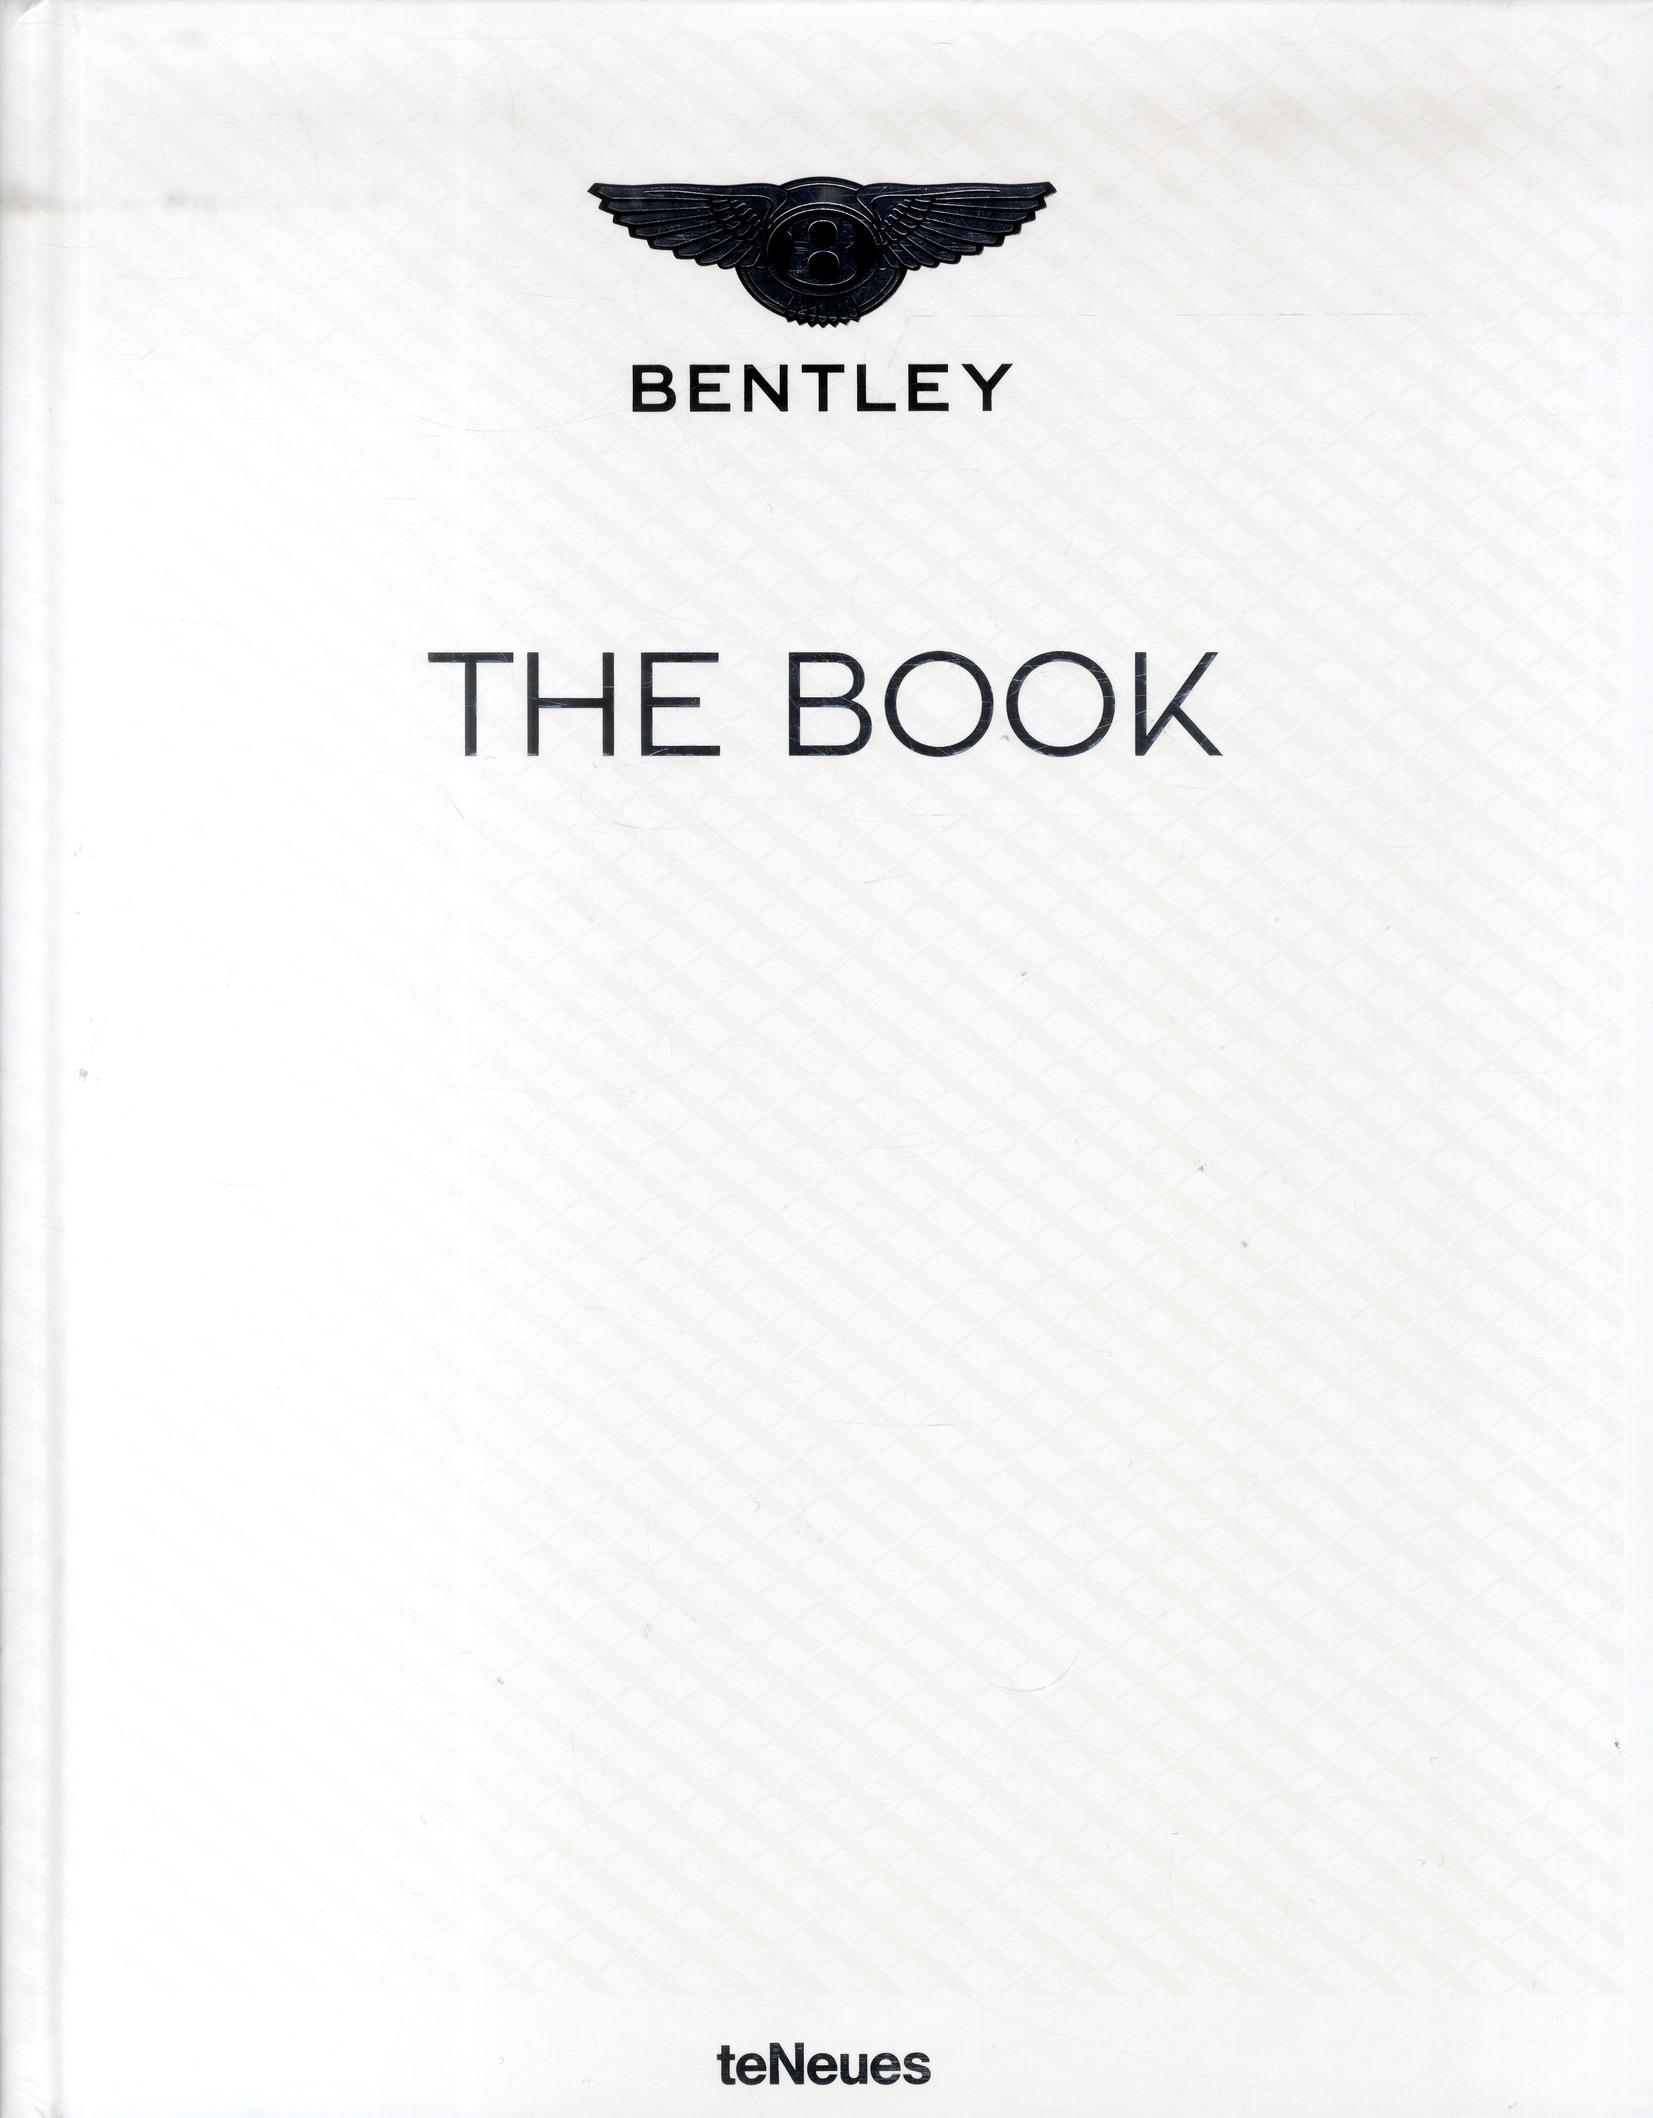 PURE BENTLEY BOOK